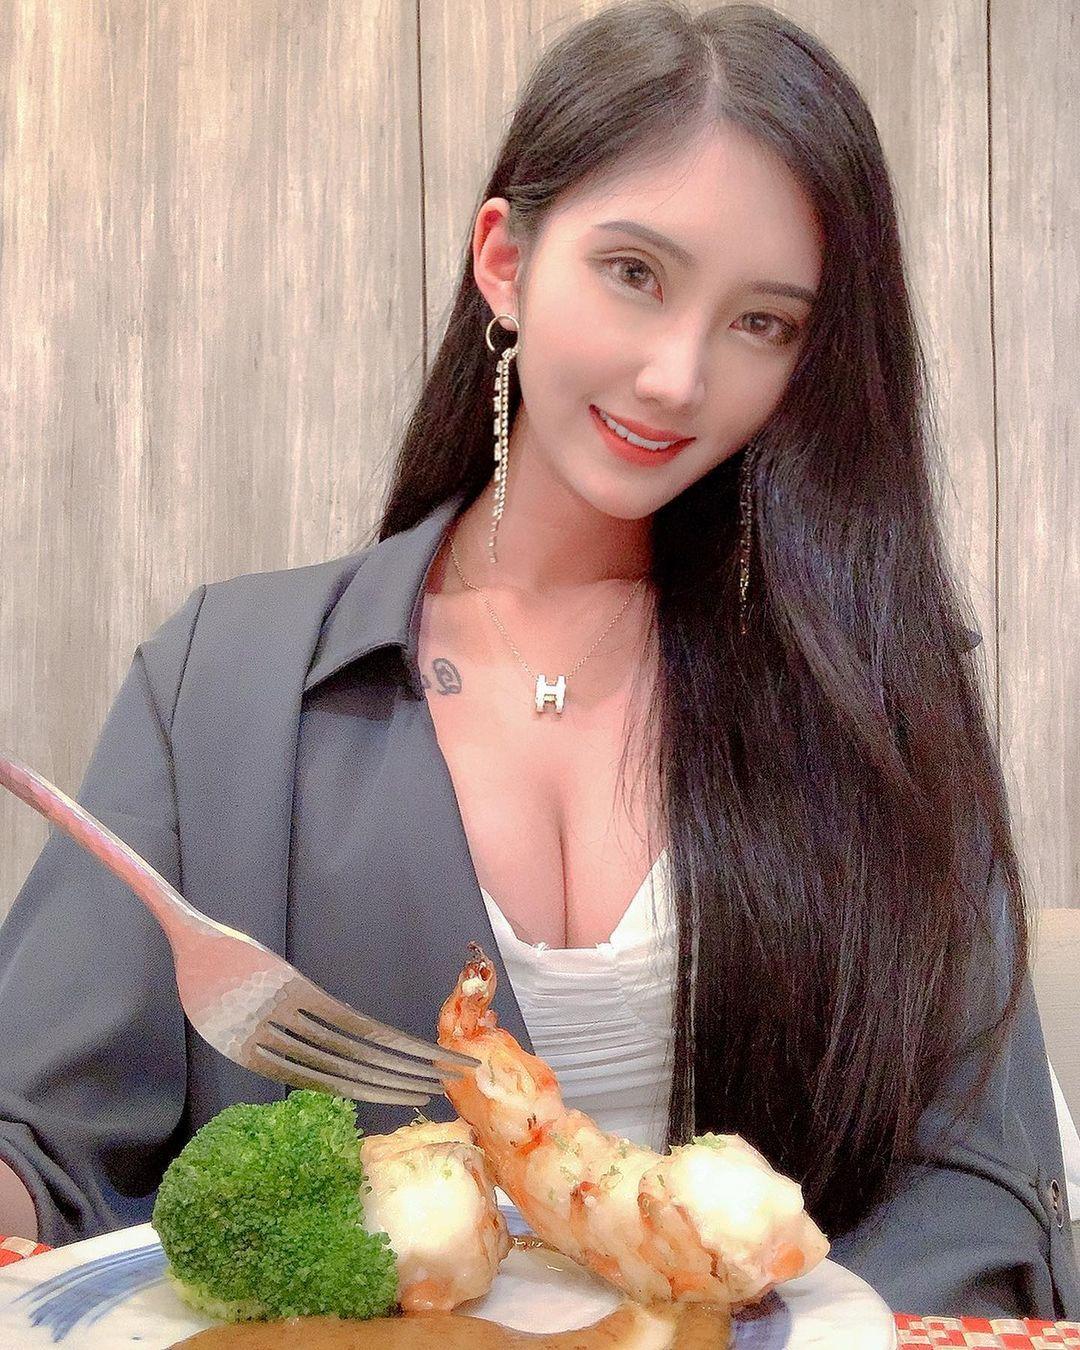 妹子Queenta伊儿吃海鲜胸前超丰满车灯让人胃口大开 网络美女 第3张